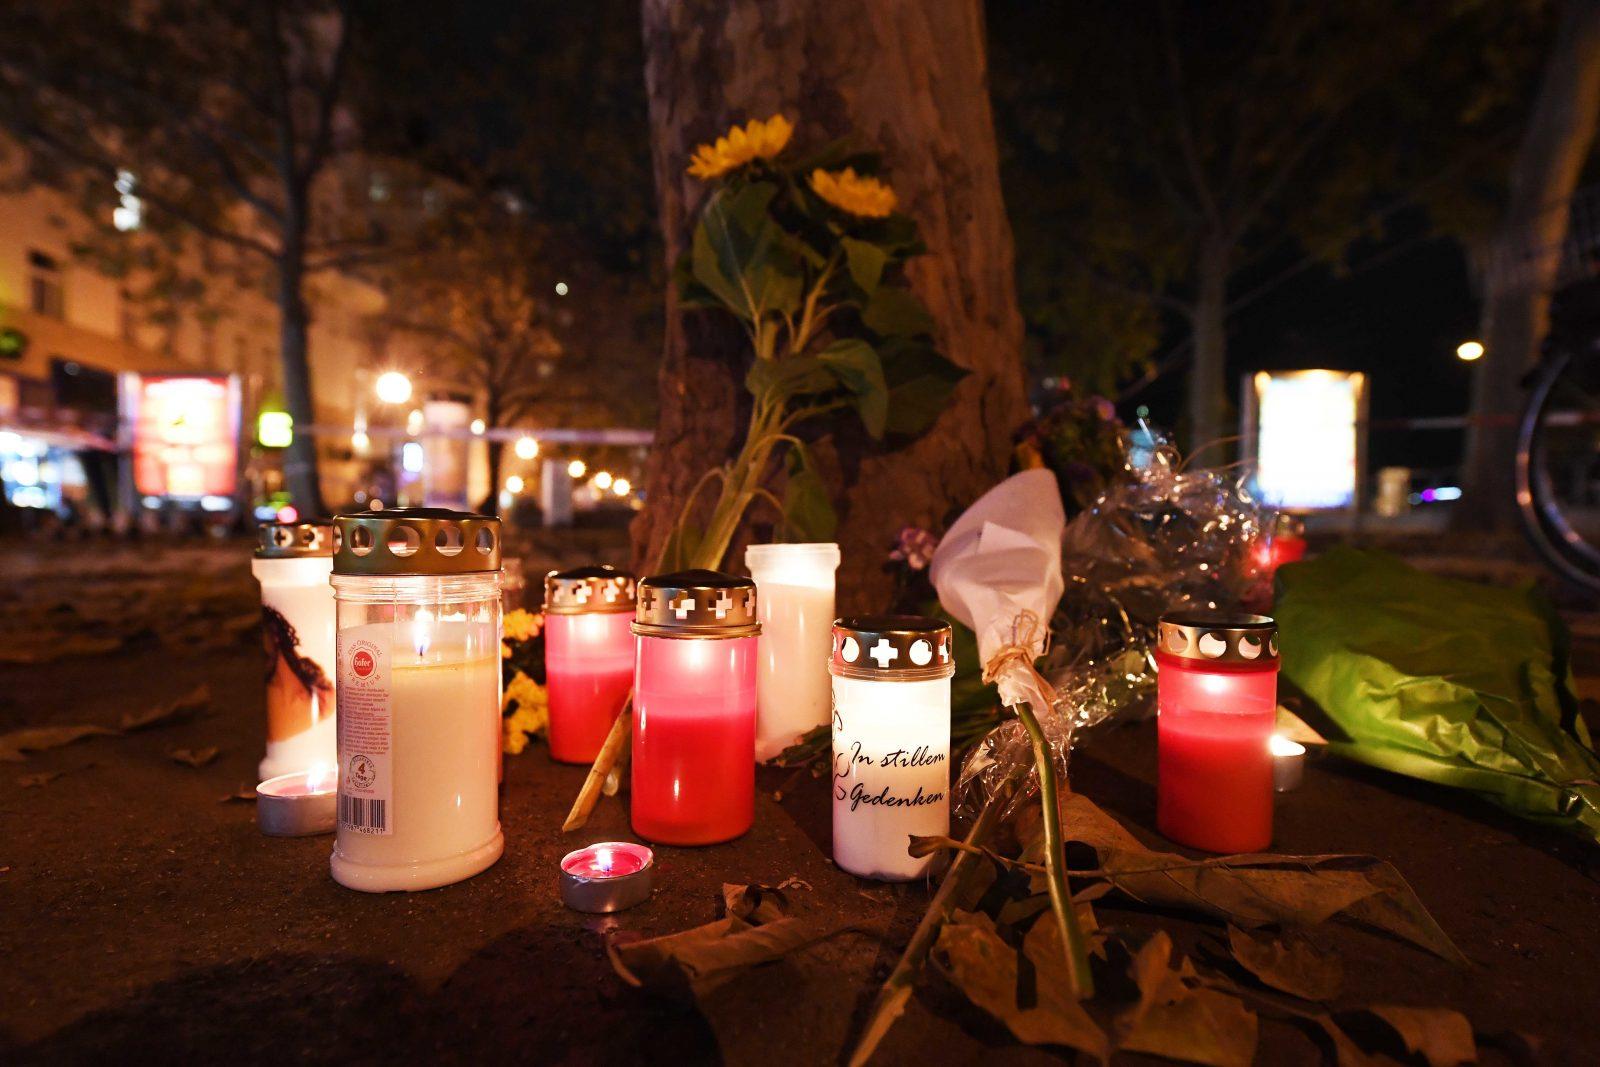 Kerzen und Blumen erinnern an den Anschlag in Wien Foto: picture alliance/APA/picturedesk.com